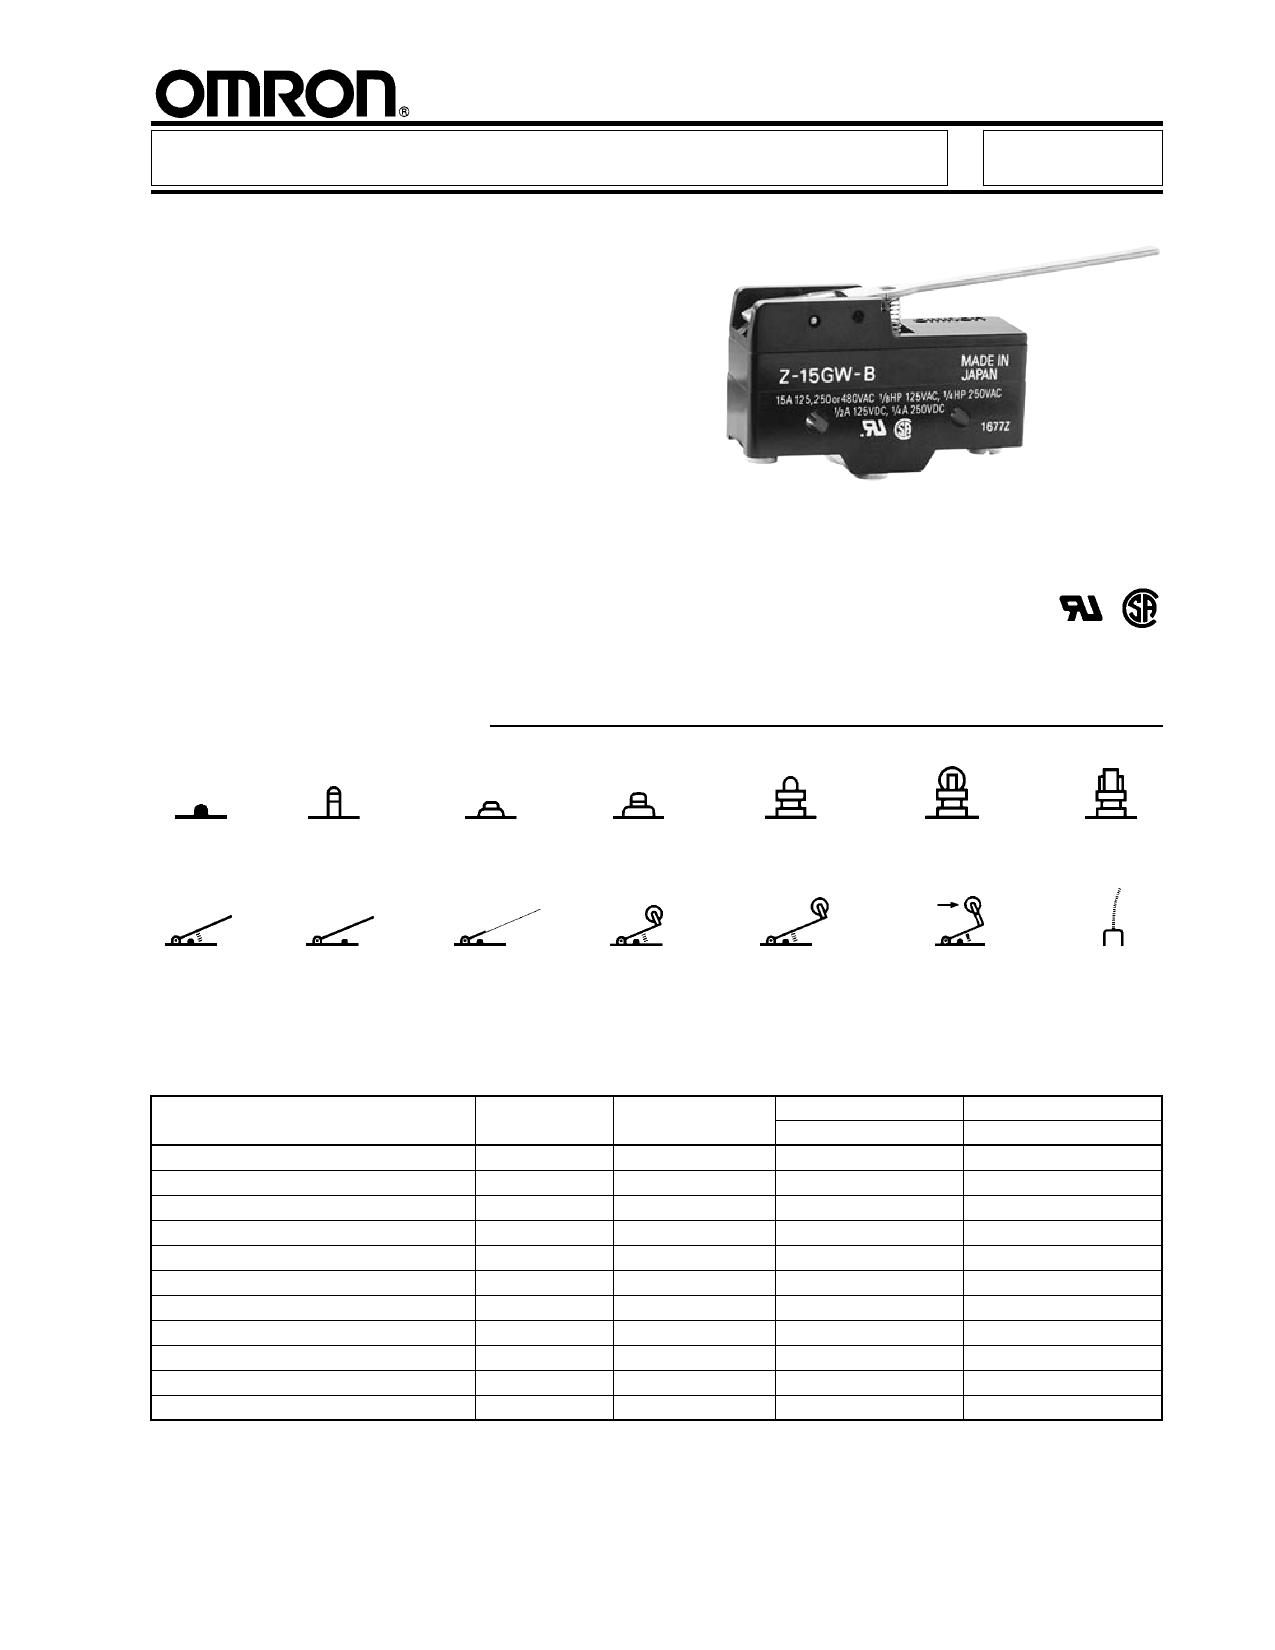 Z-15GQ21 datasheet